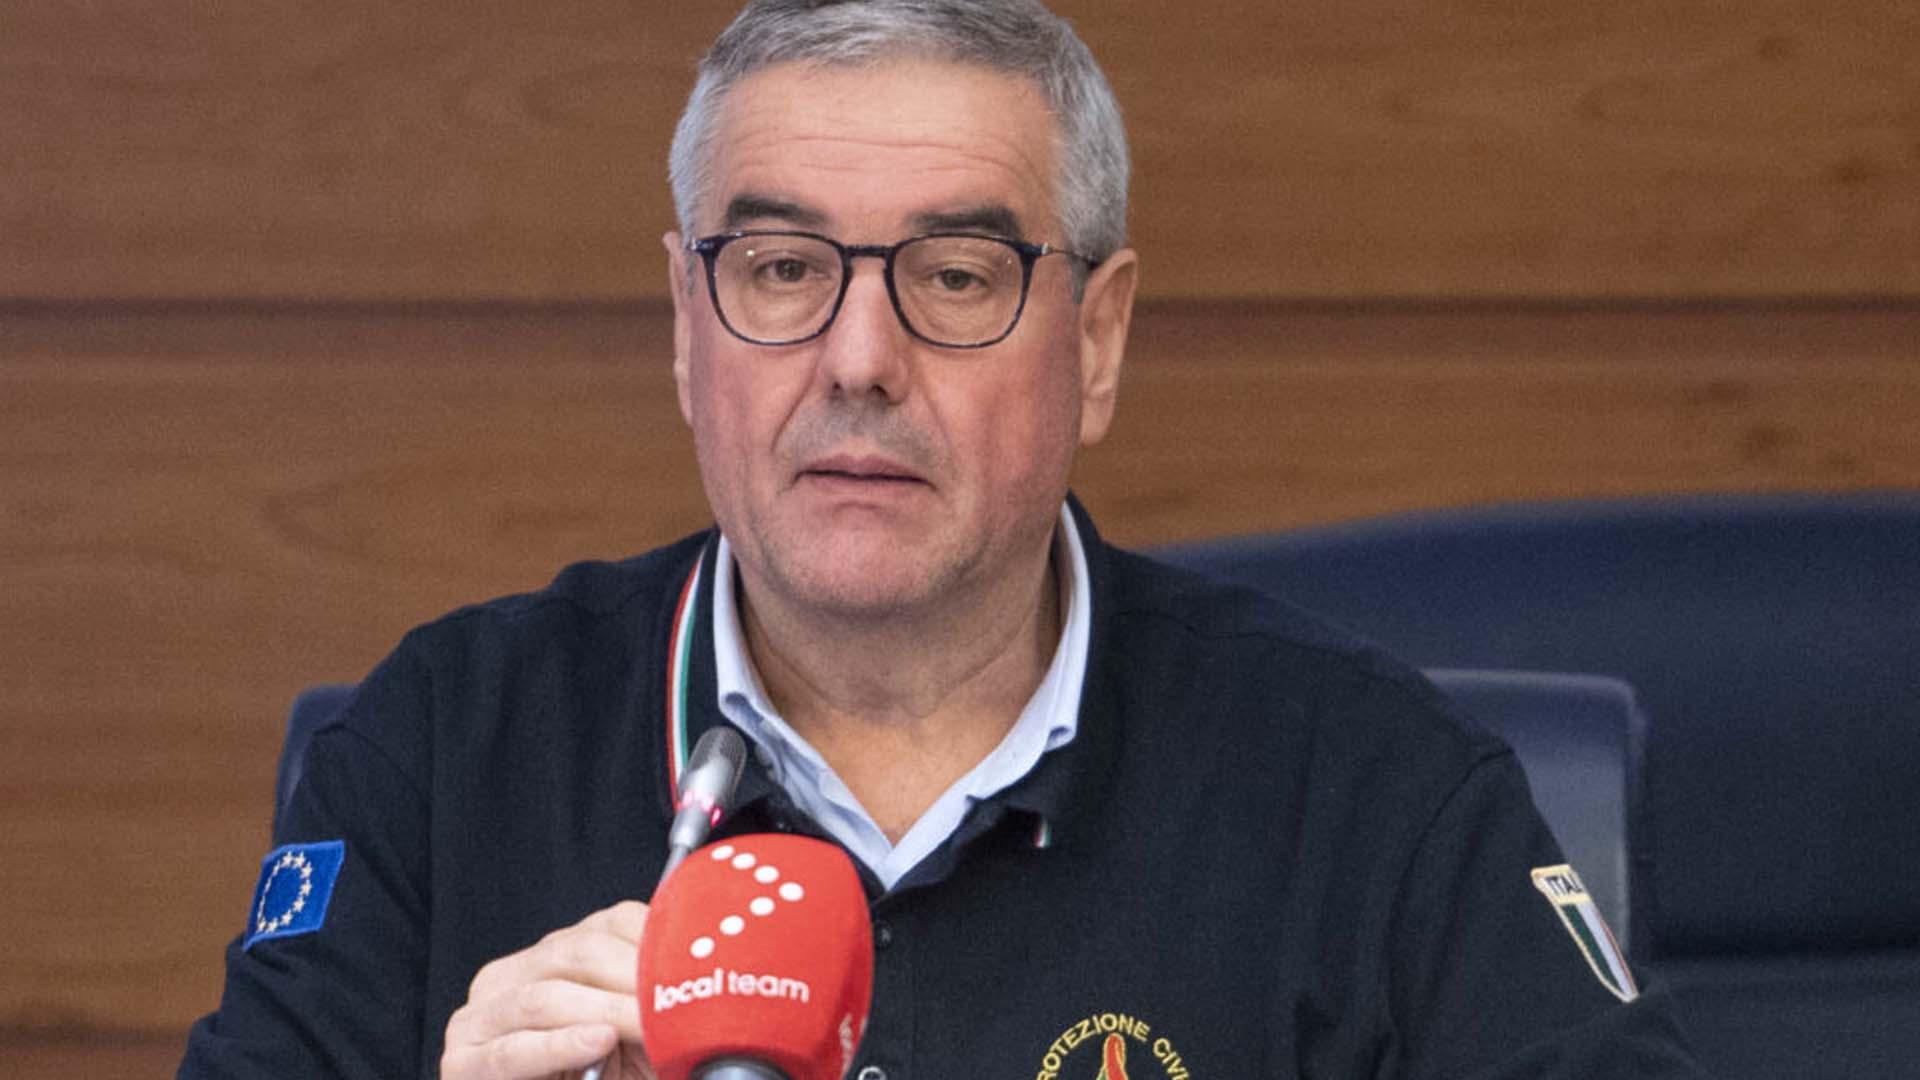 Angelo Borrelli, Capo del Dipartimento della Protezione Civile